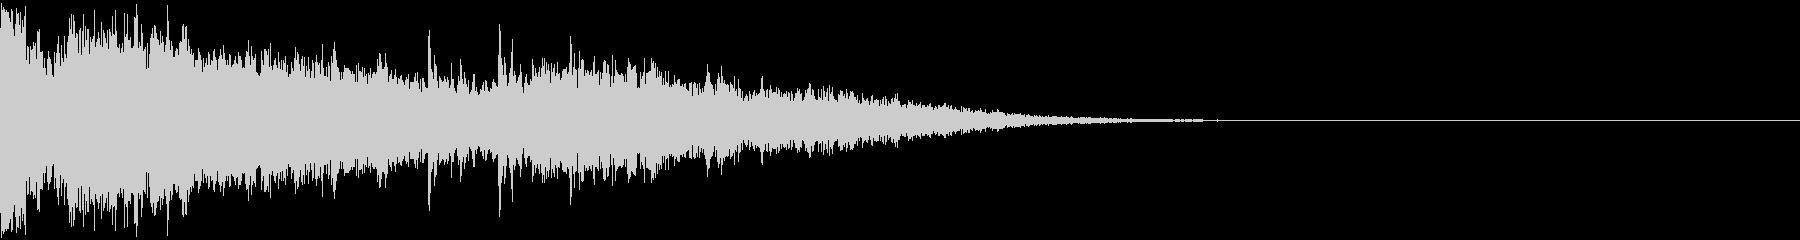 シャキーン(変身、合体する時に出る音)の未再生の波形